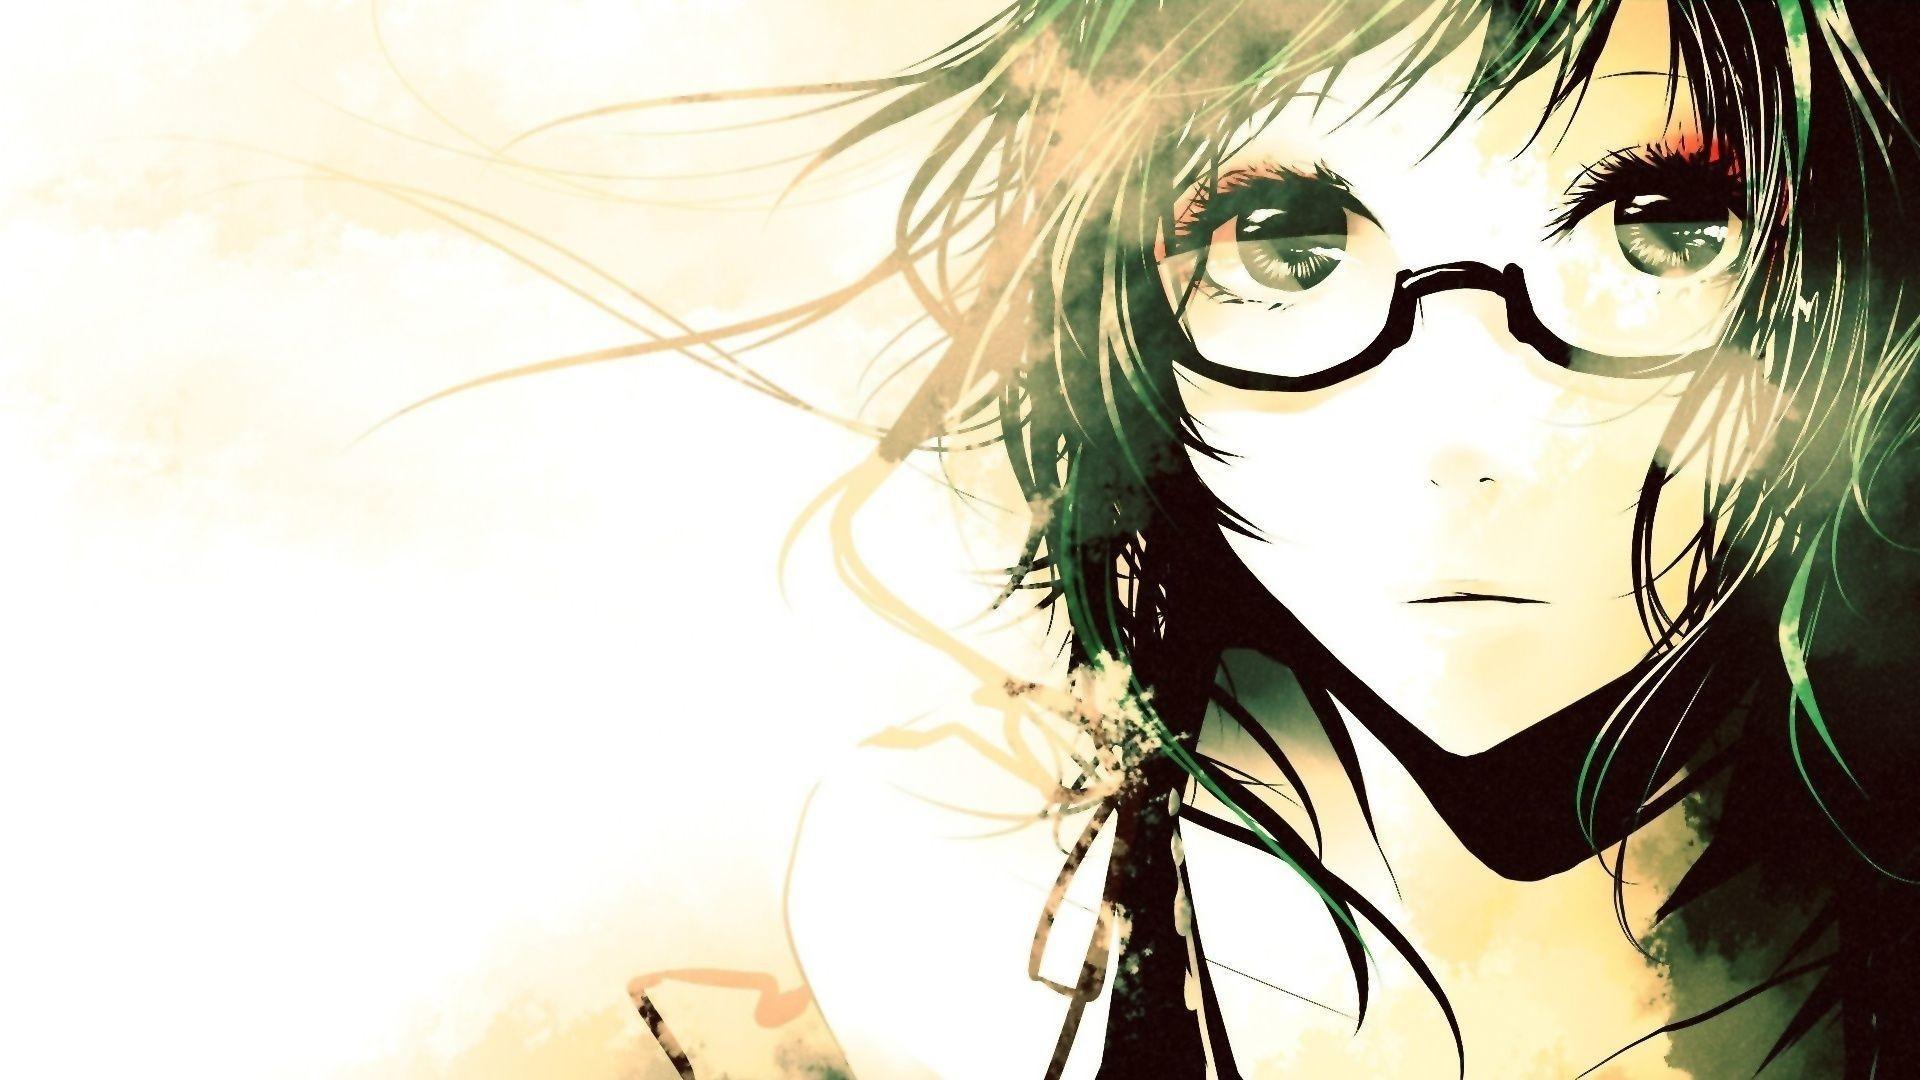 Wallpapers For > Anime Music Girl Wallpaper